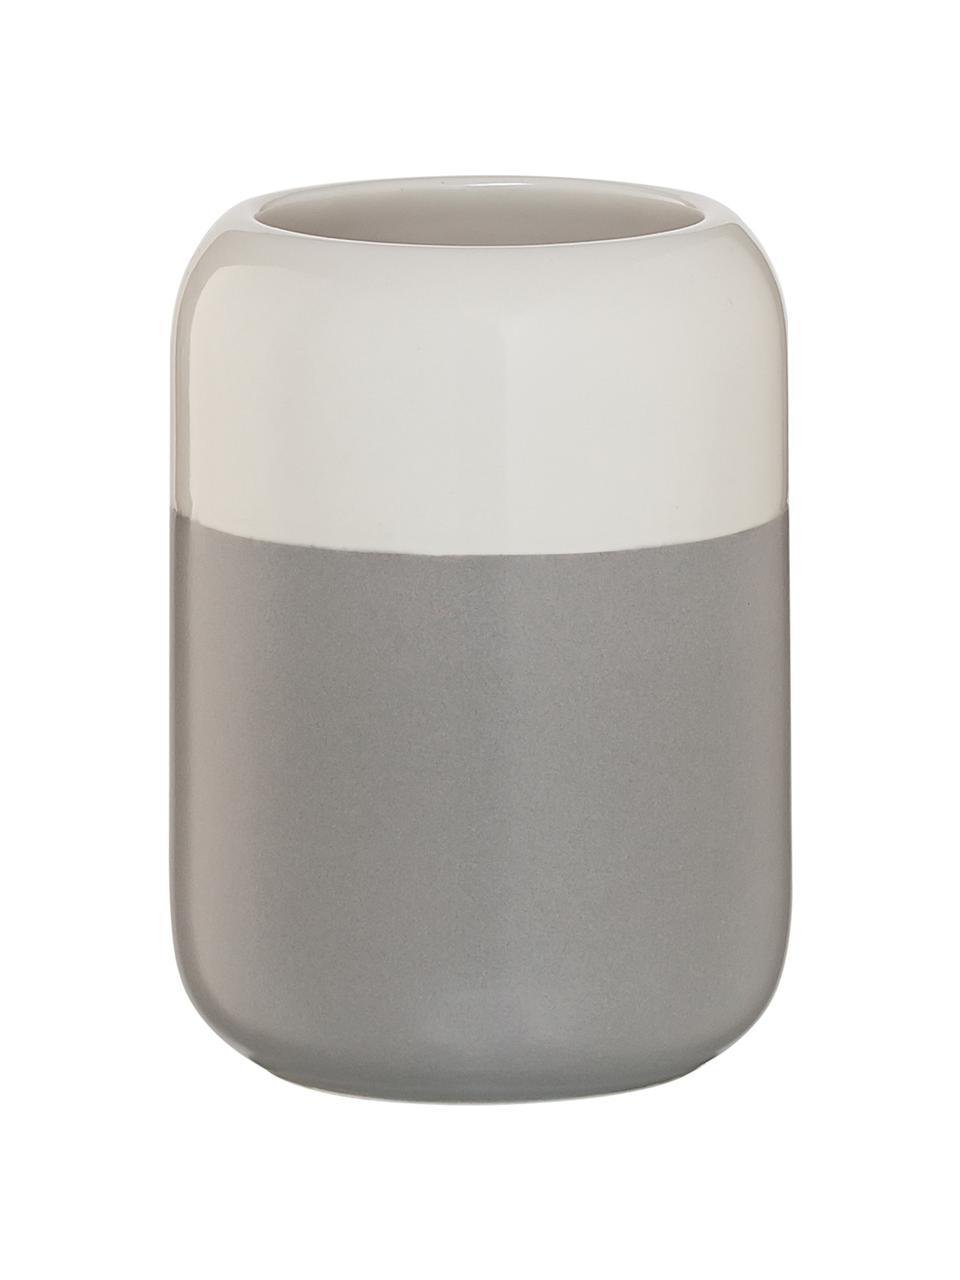 Kubek na szczoteczki Sphere, Porcelana, Jasny szary, biały, Ø 7 x W 10 cm